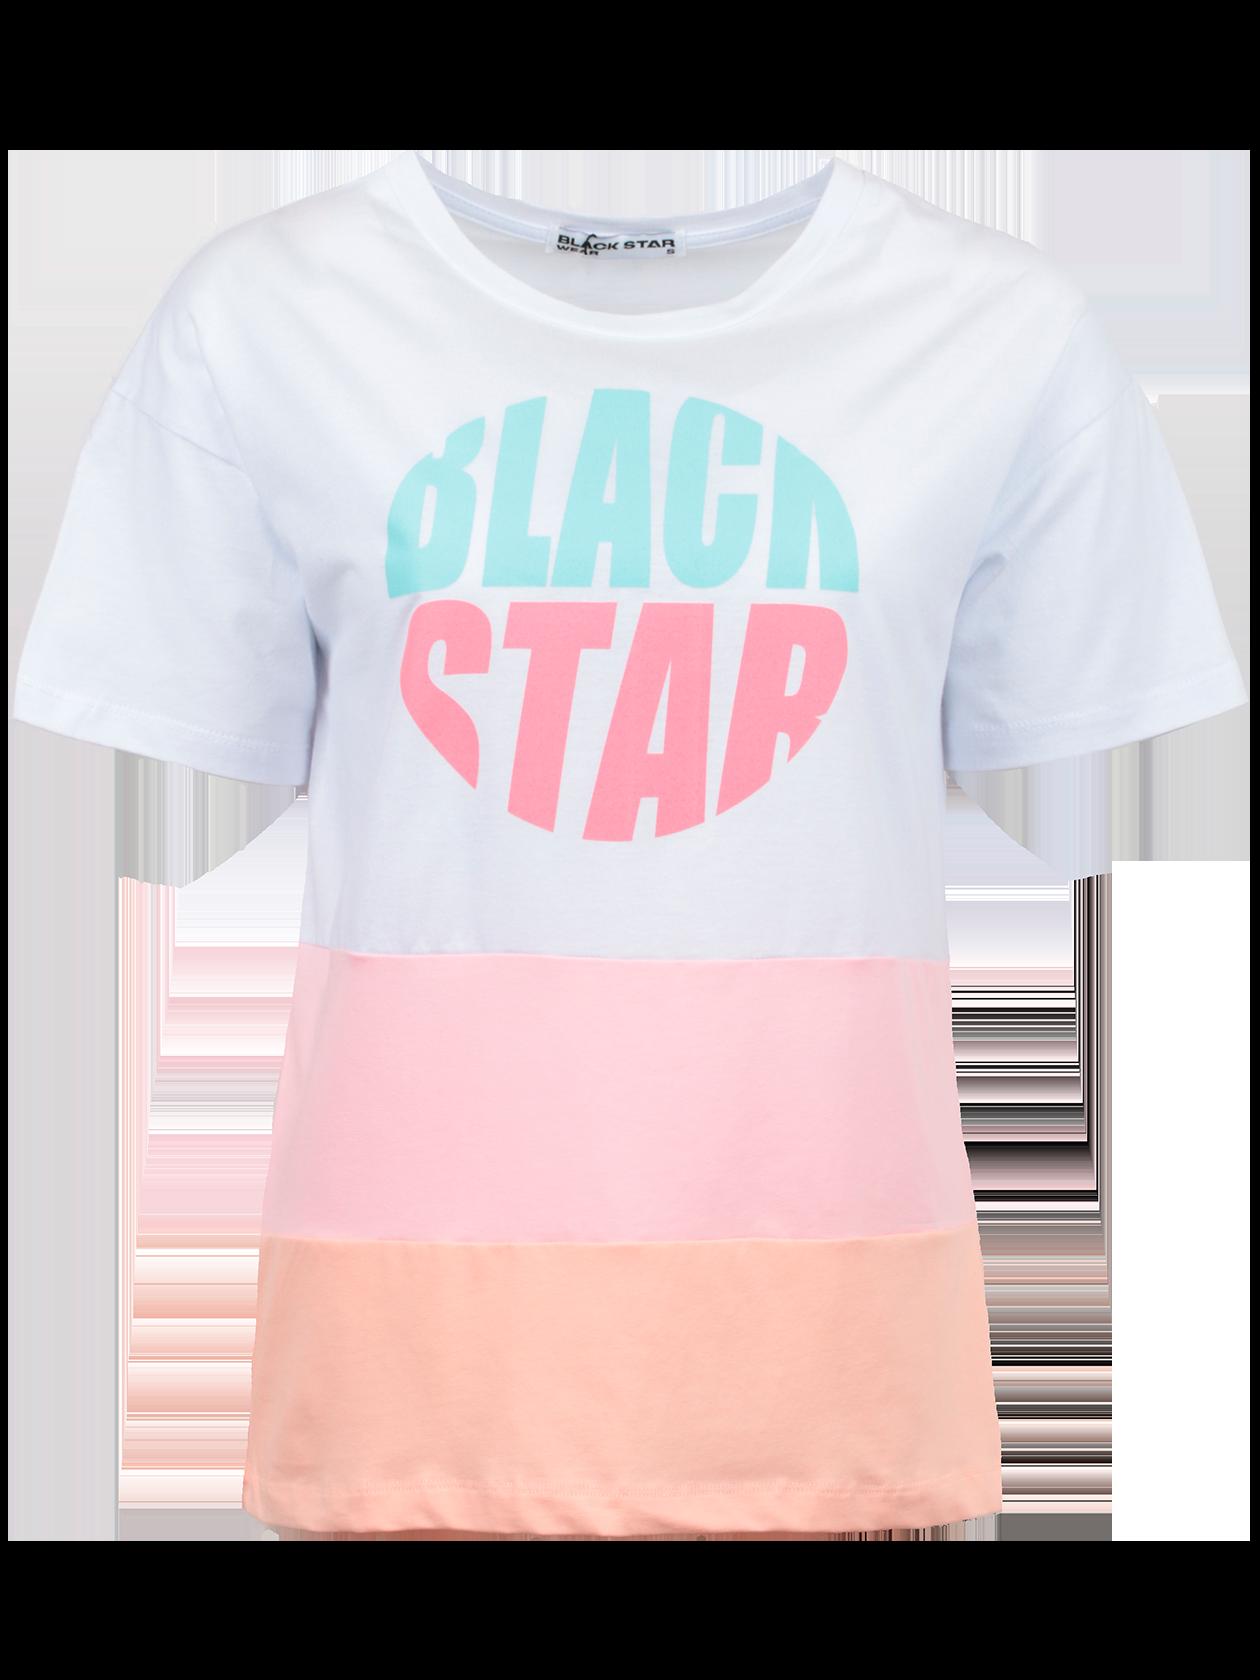 Футболка женская PINK BSФутболка женская Pink BS – стильное и практичное решение для создания образа на каждый день. Модель классического прямого кроя со слегка спущенной линией плеча, переходящей в короткий свободный рукав. Горловина округлой формы с эластичным кантом, внутри содержит жаккардовый лейбл Black Star Wear. Изделие выполнено в универсальной белой расцветке, дополнено разноцветными широкими вставками в нижней части и яркой надписью Black Star на груди. Для изготовления вещи был выбран 100% хлопок премиального качества. Футболка доступна в двух вариантах: белый/розовый/персиковый и белый/розовый/ментоловый.<br><br>Размер: S<br>Цвет: Белый/розовый/персиковый<br>Пол: Женский